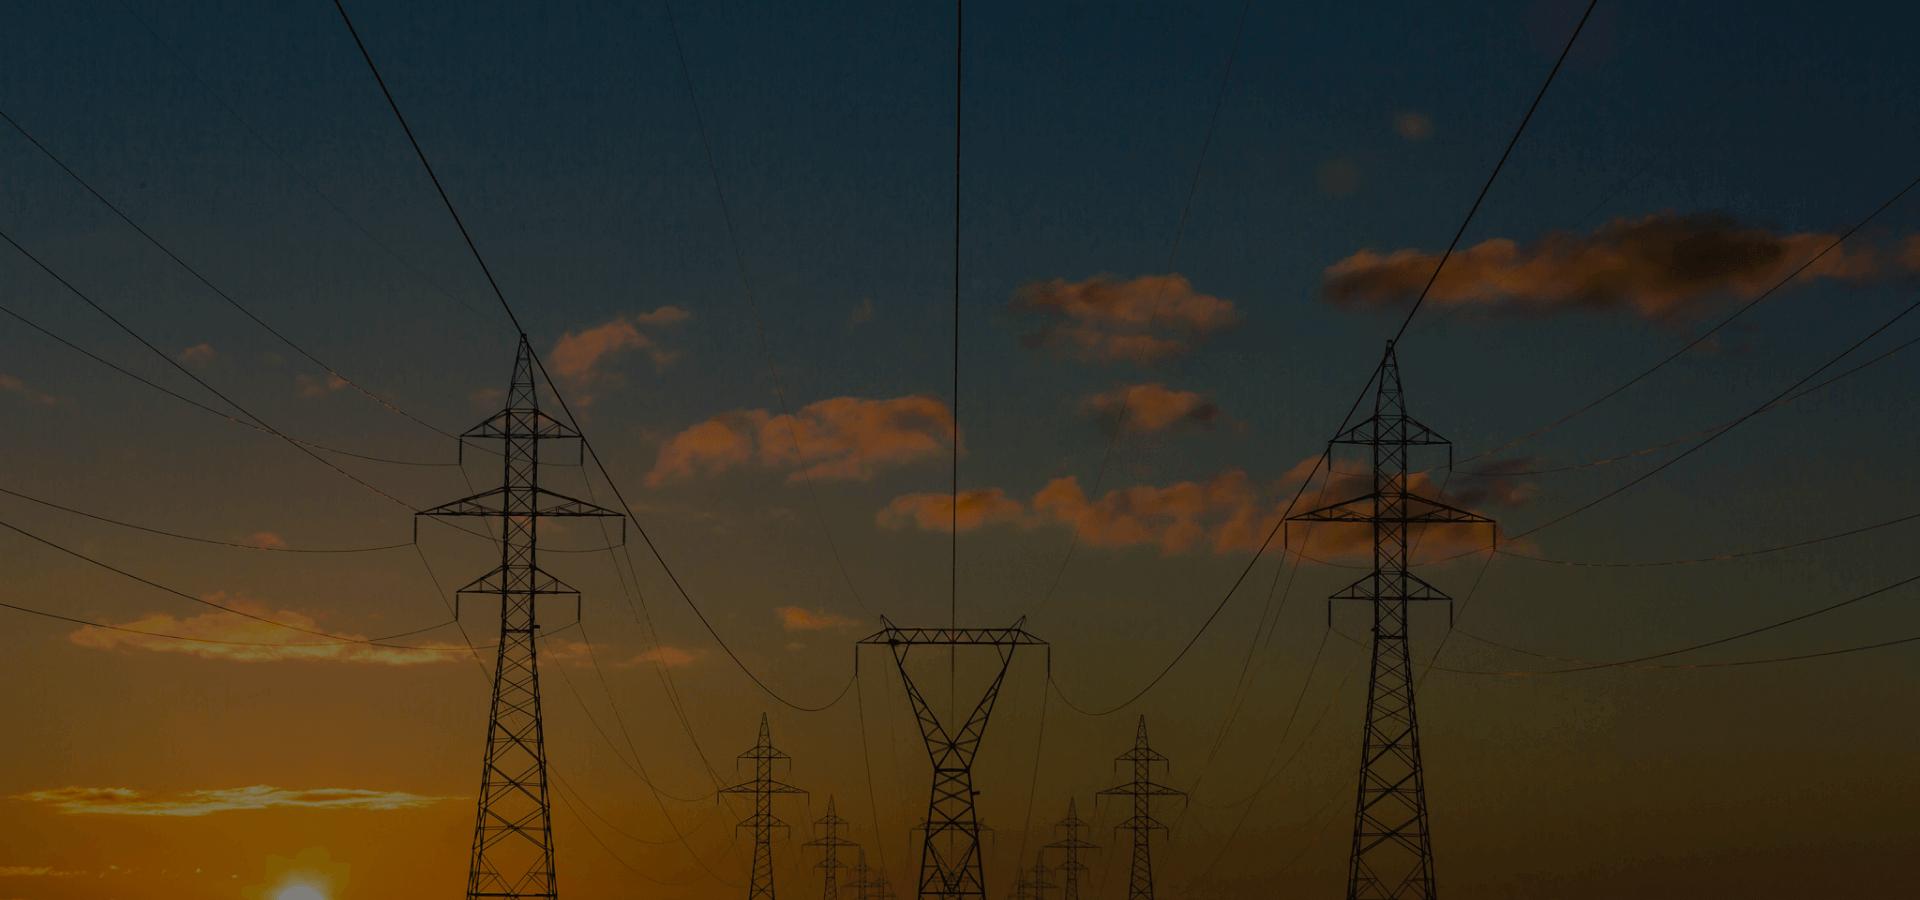 pomiary geodezyjne dronem zdjęcie sieci energetycznej